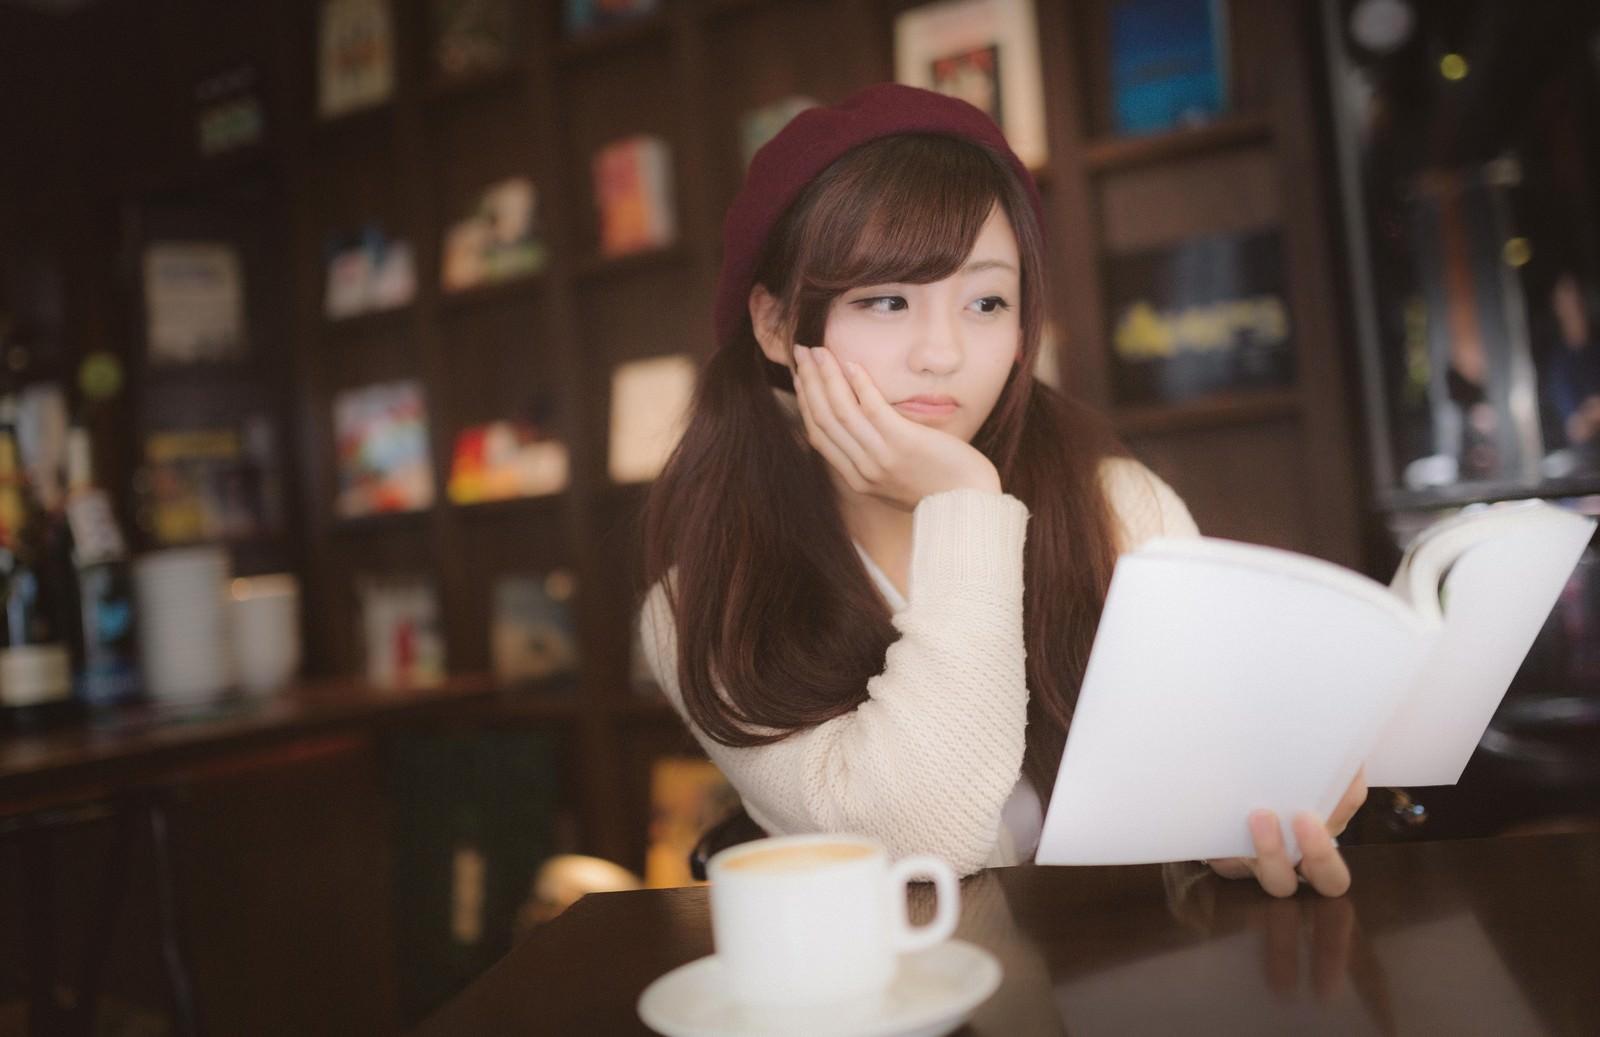 「期待して購入した本にがっかりする美女期待して購入した本にがっかりする美女」[モデル:河村友歌]のフリー写真素材を拡大